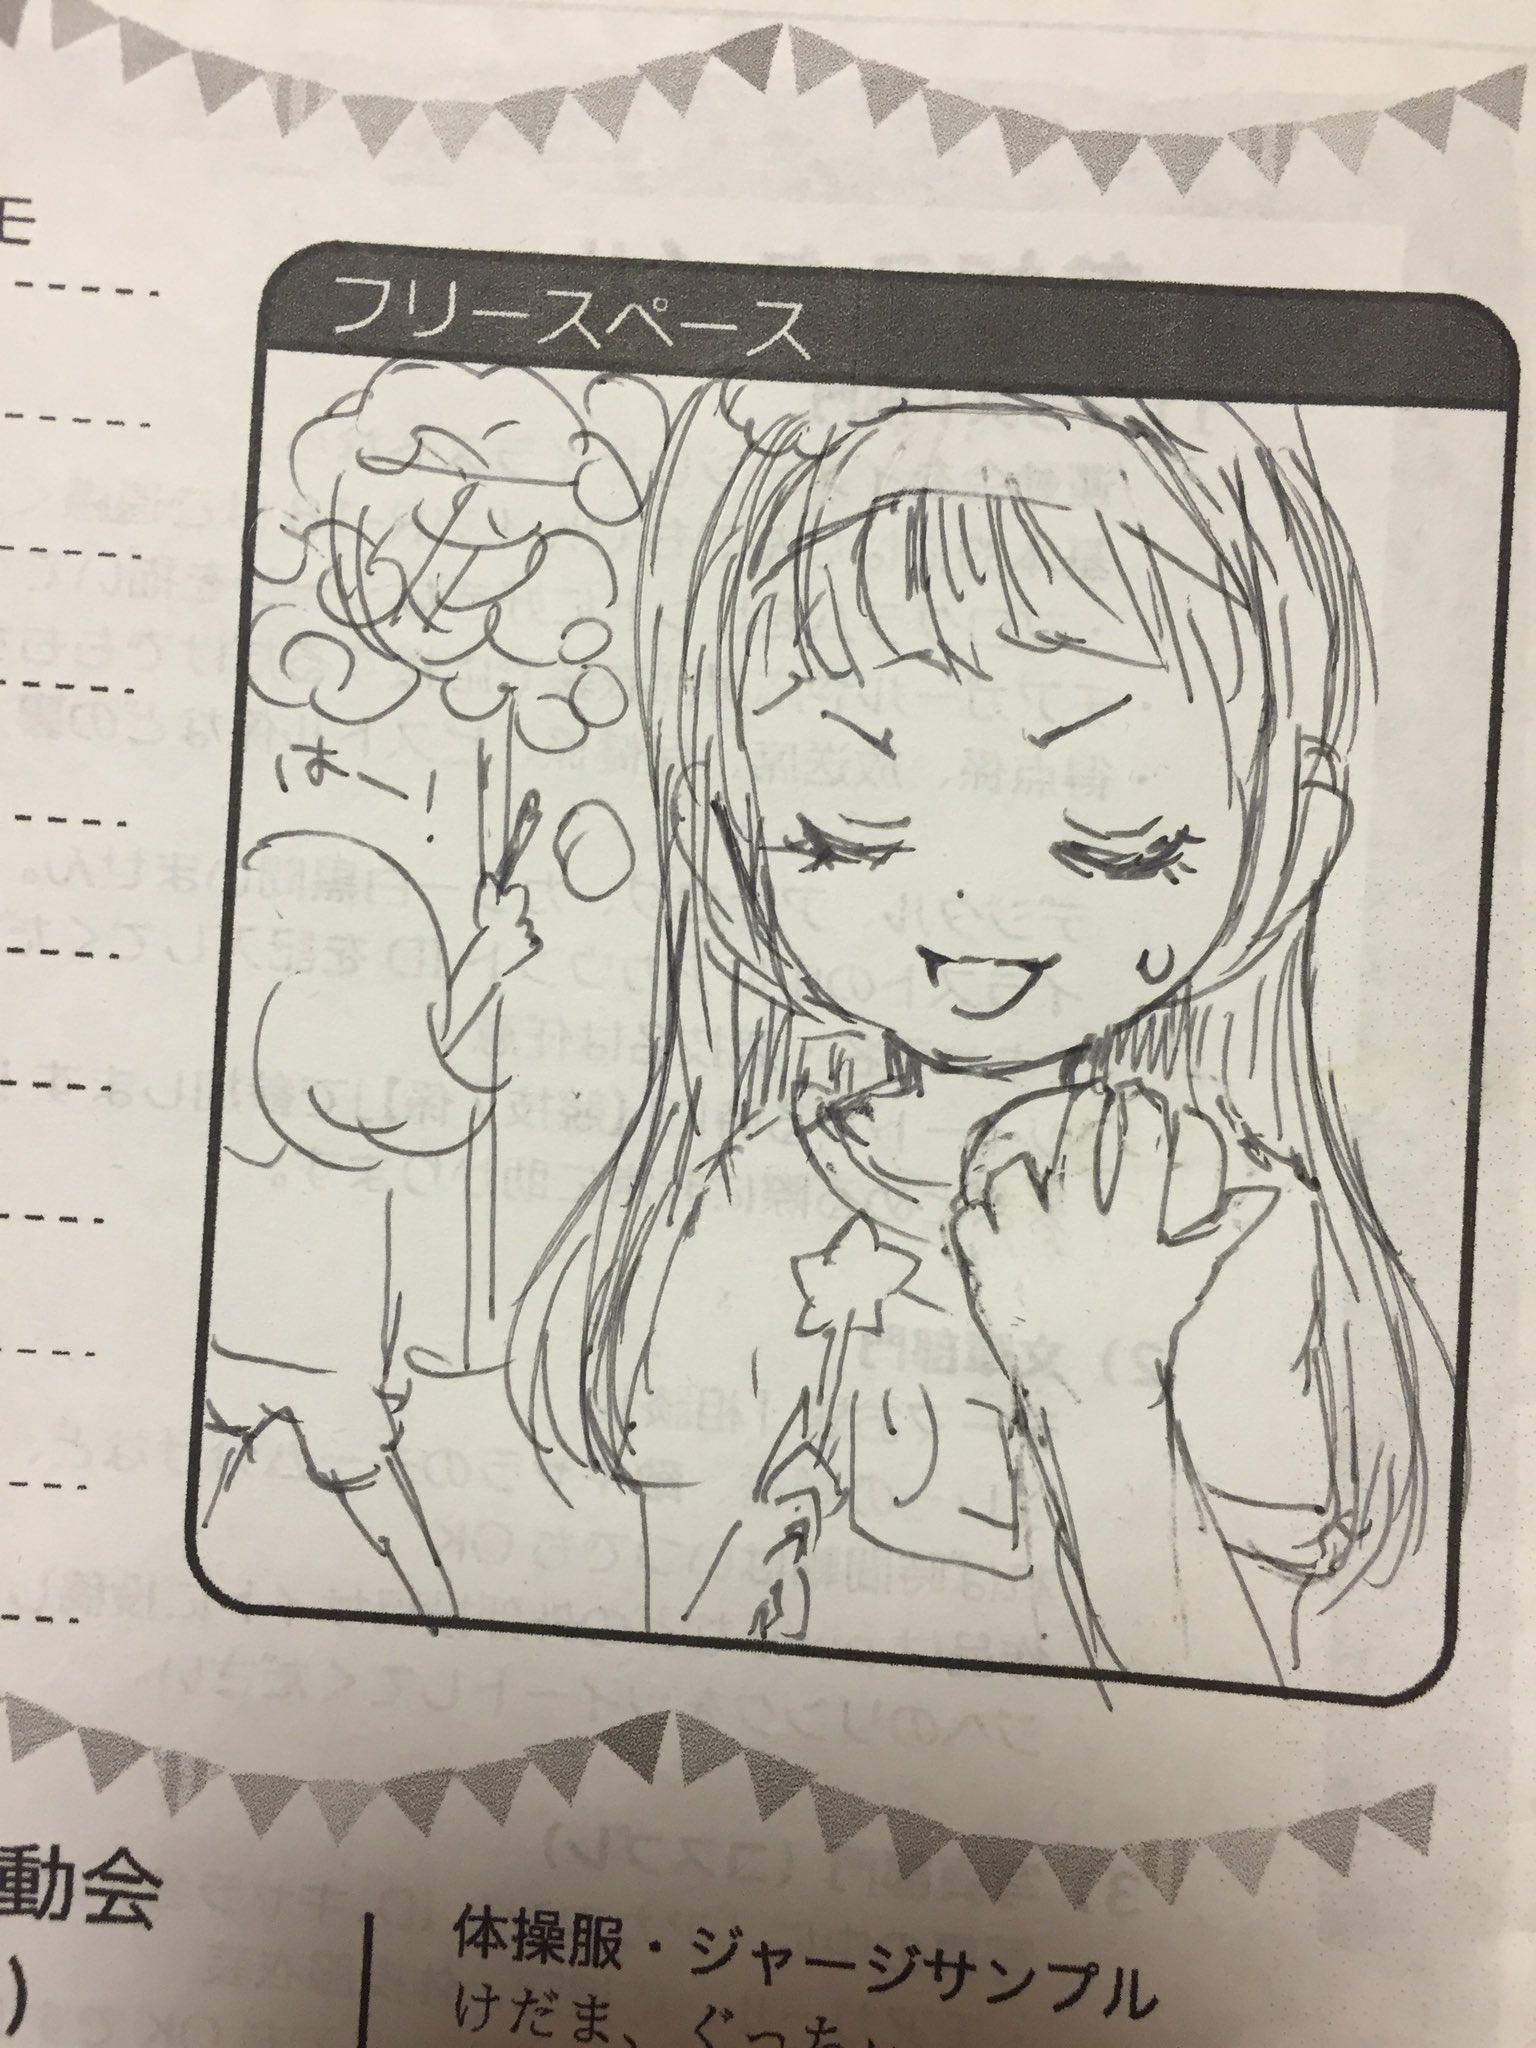 佐野りお🎌秋のプリキュア運動会 (@cmw_rrk)さんのイラスト